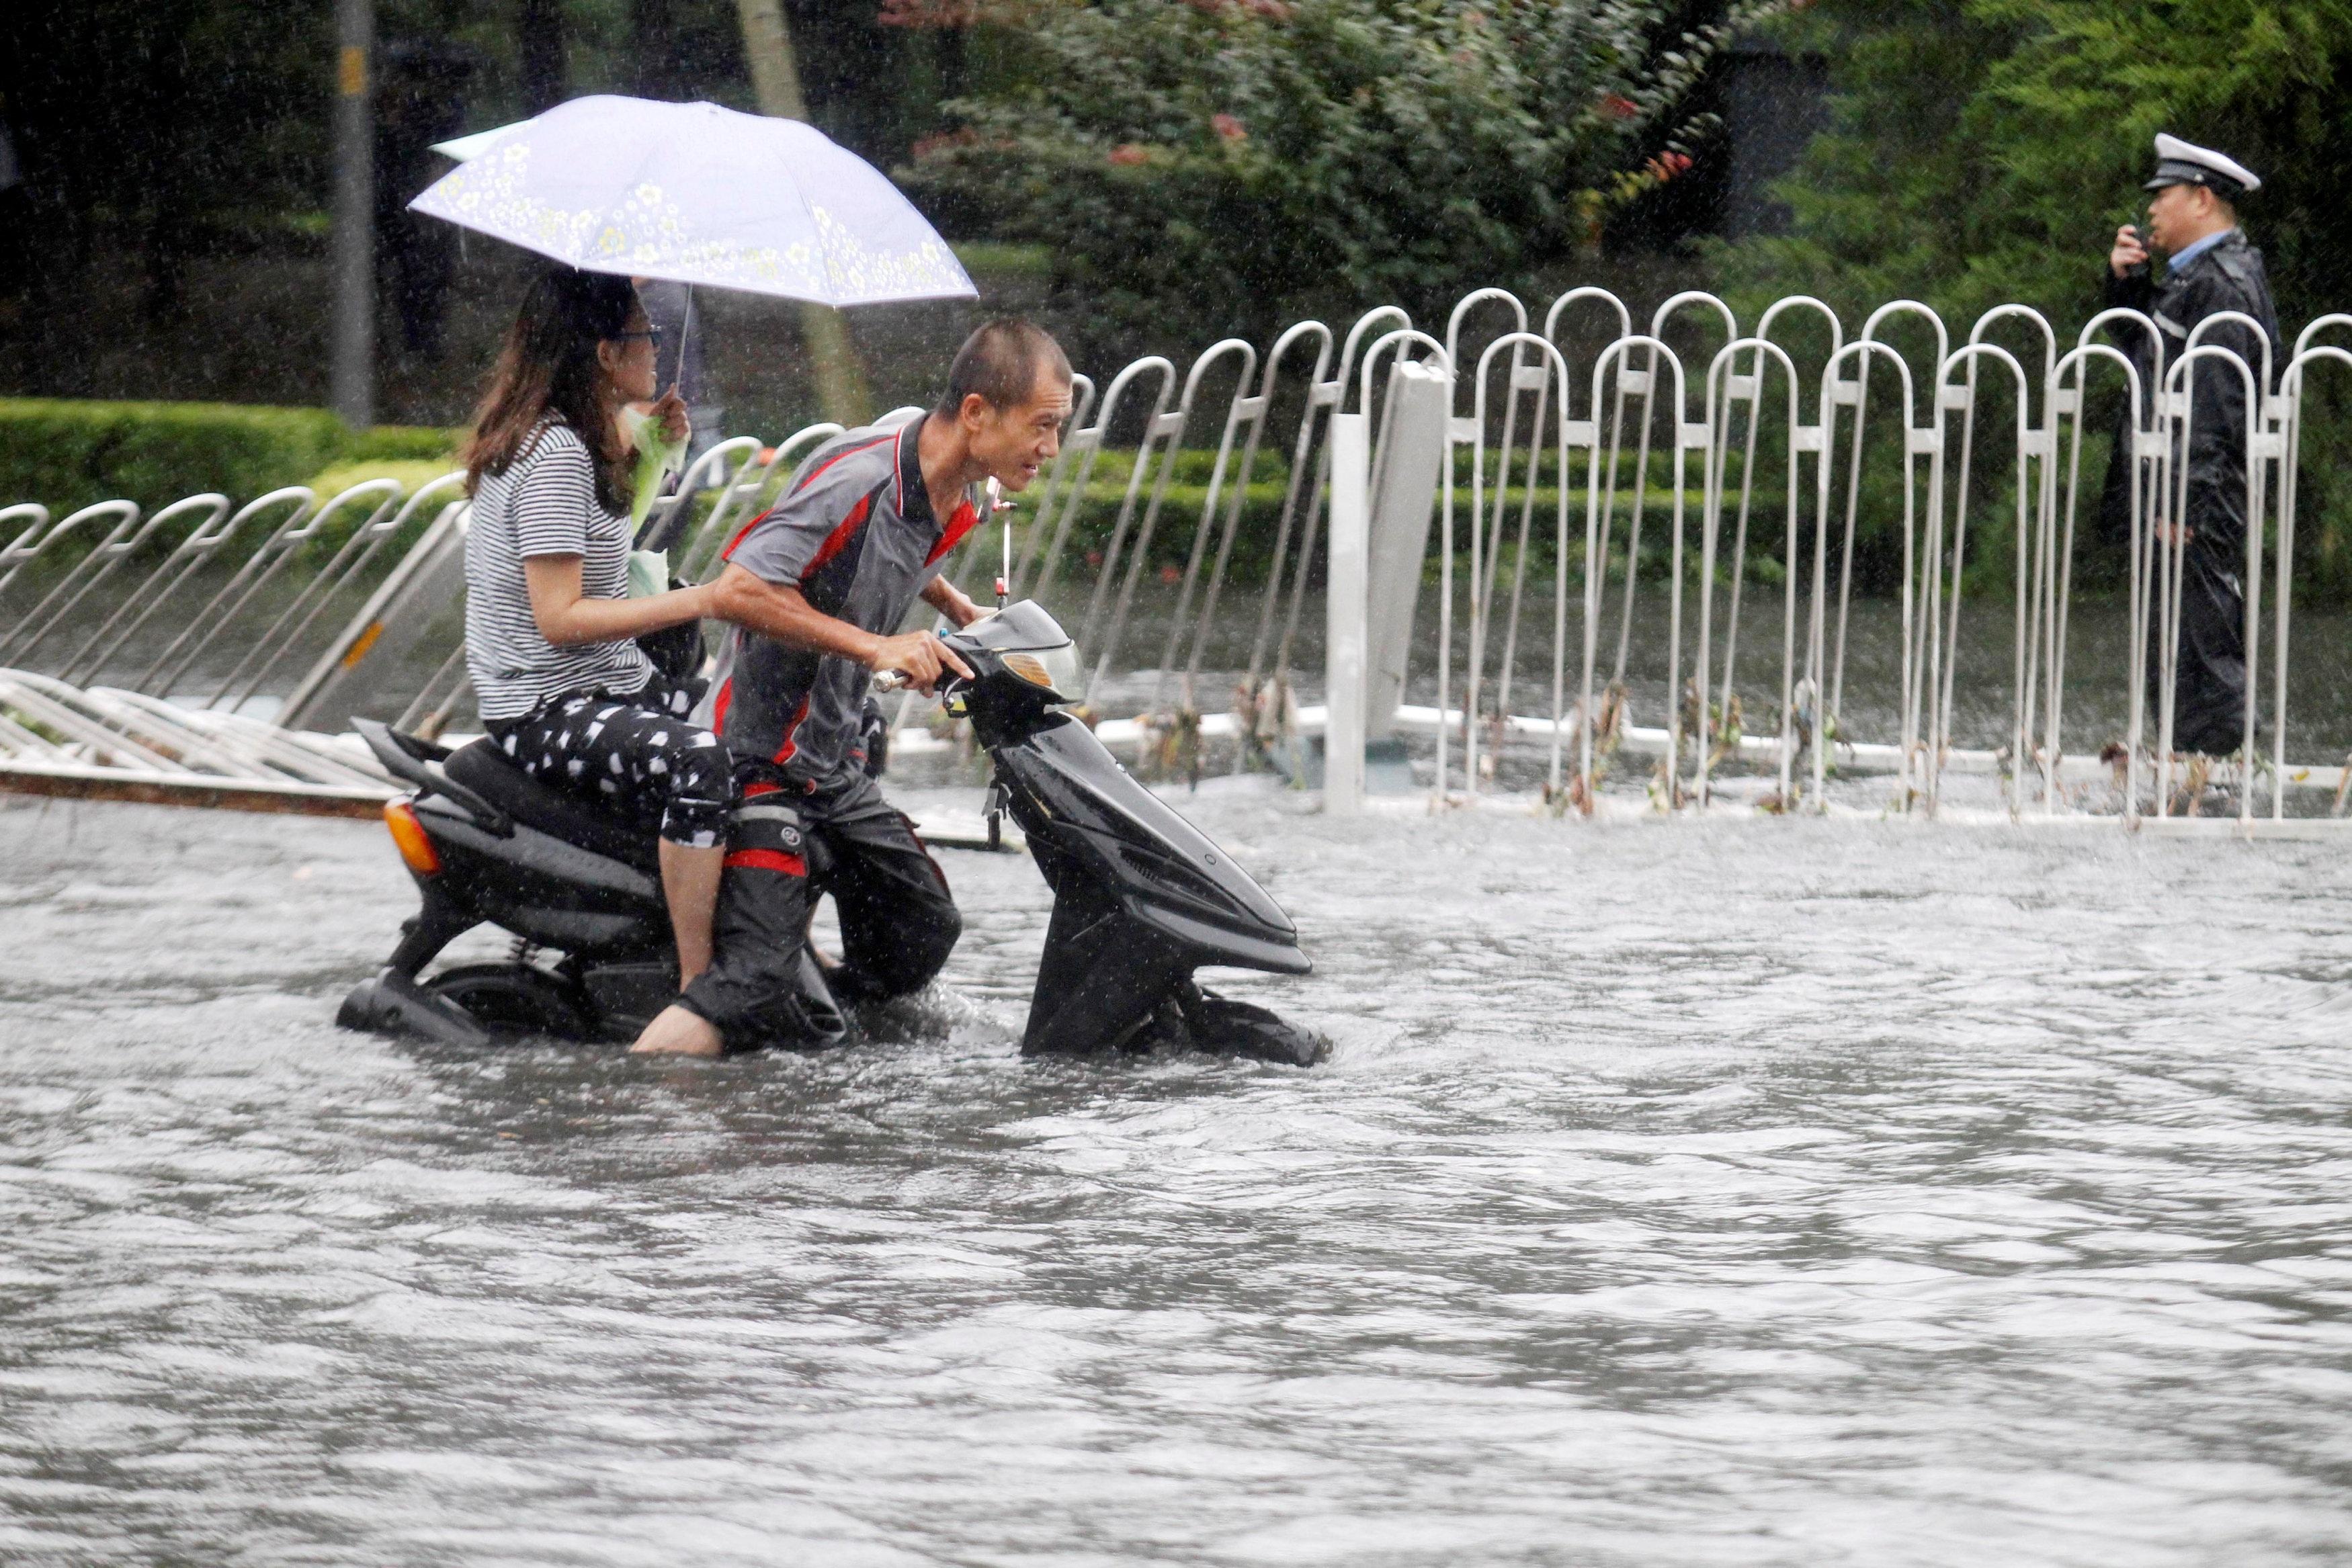 Hiện tượng mưa lớn trong nhiều ngày qua đã khiến nhiều tuyến phố ở thủ đô Bắc Kinh và một số tỉnh thành của Trung Quốc bị ngập nặng khiến hành trình di chuyển của người dân gặp nhiều khó khăn.